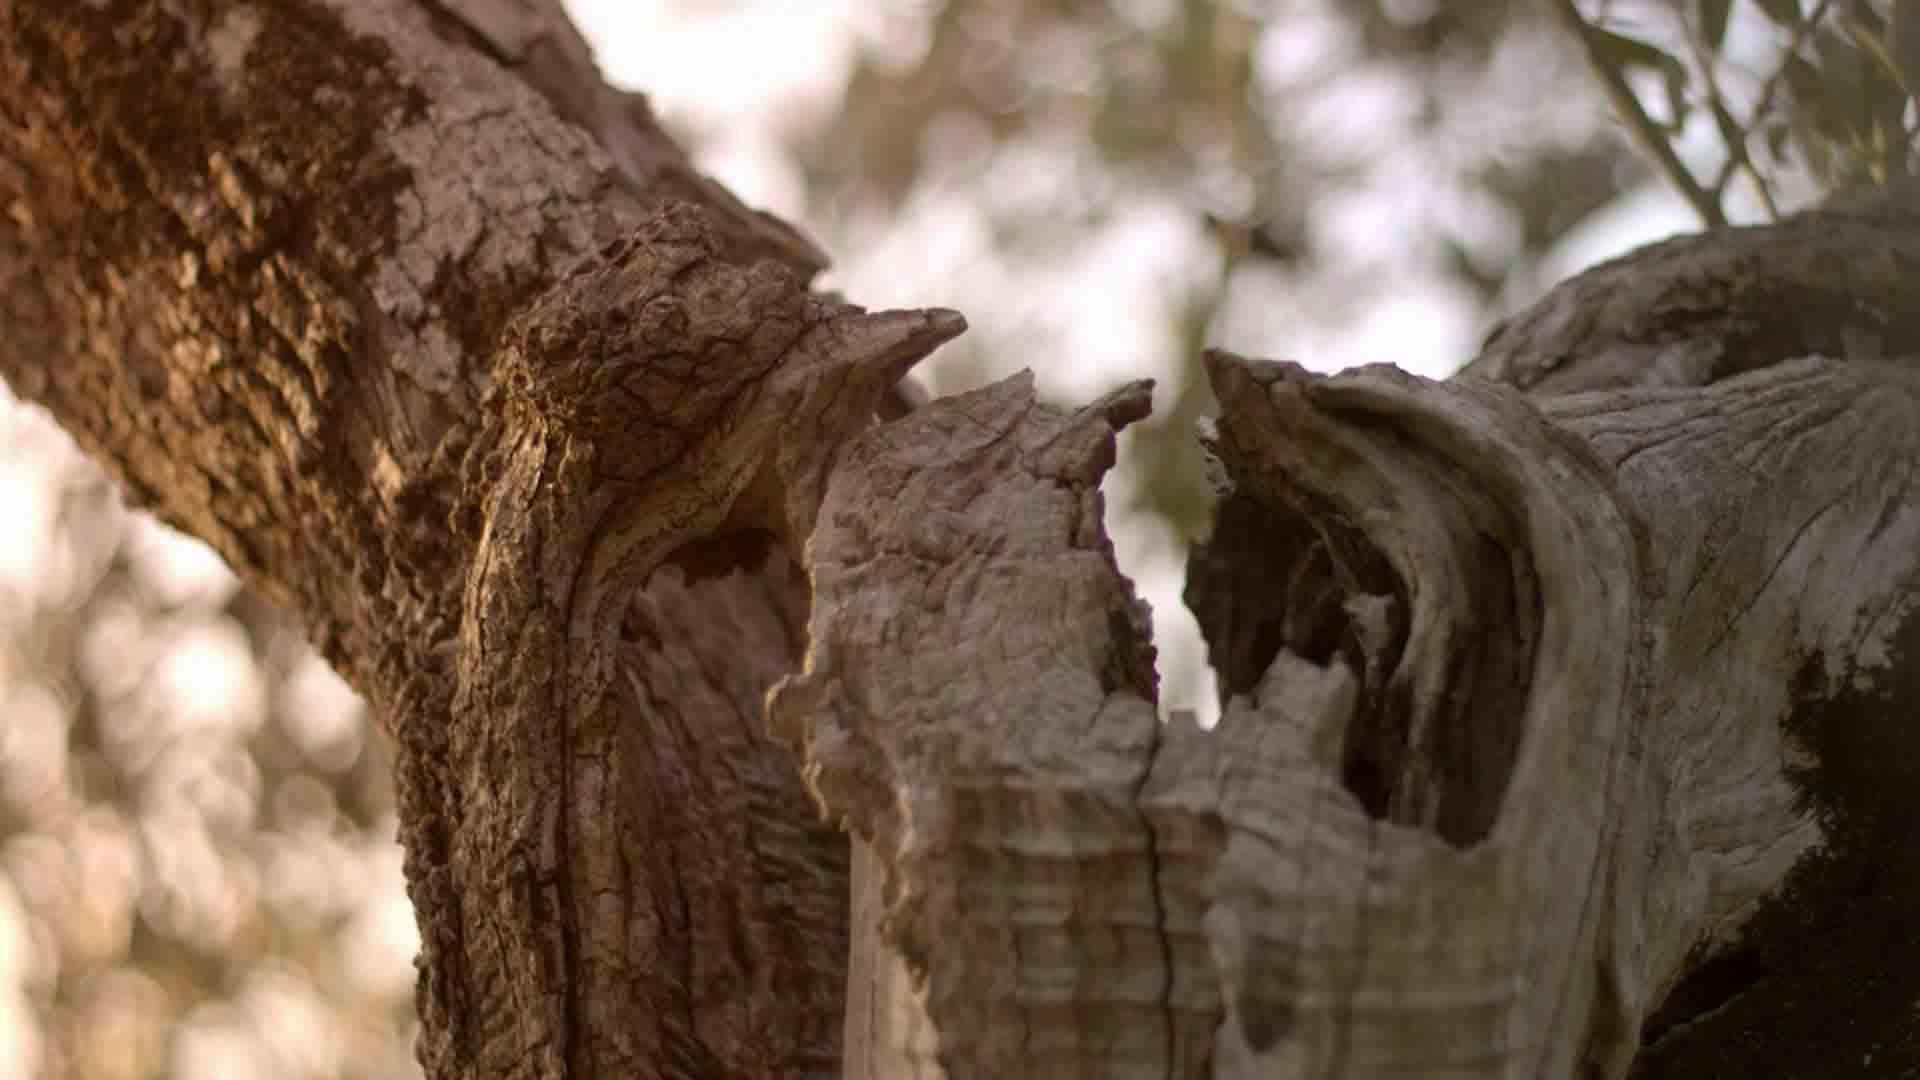 Das Bild zeigt einen braunen Ast. Die Mitte des Astes zeigt ein Loch. Der Hintergrund zeigt verschwommen die Äste und Blätter eines Baumes. Das Bild dient als Sliderbild für den Portfolioeintrag Kurzfilm Tränen der Olive von Panda Pictures.